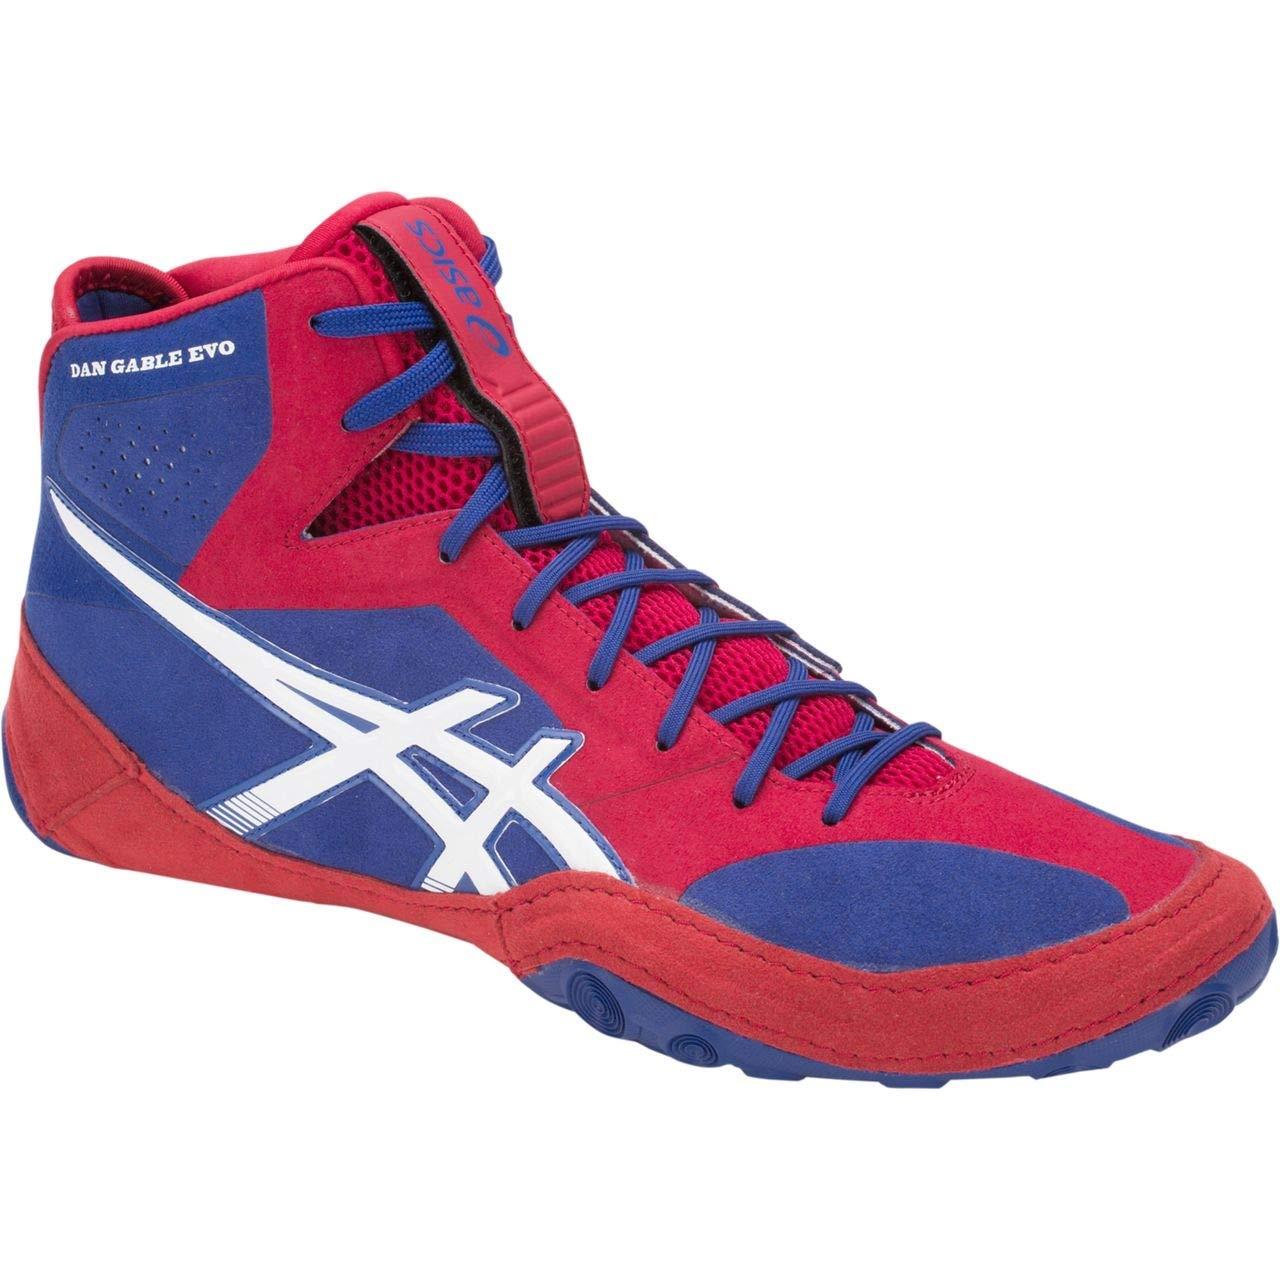 asics Dan Gable Evo Men's Wrestling Shoes, Asics Blue/White, Size 6.5